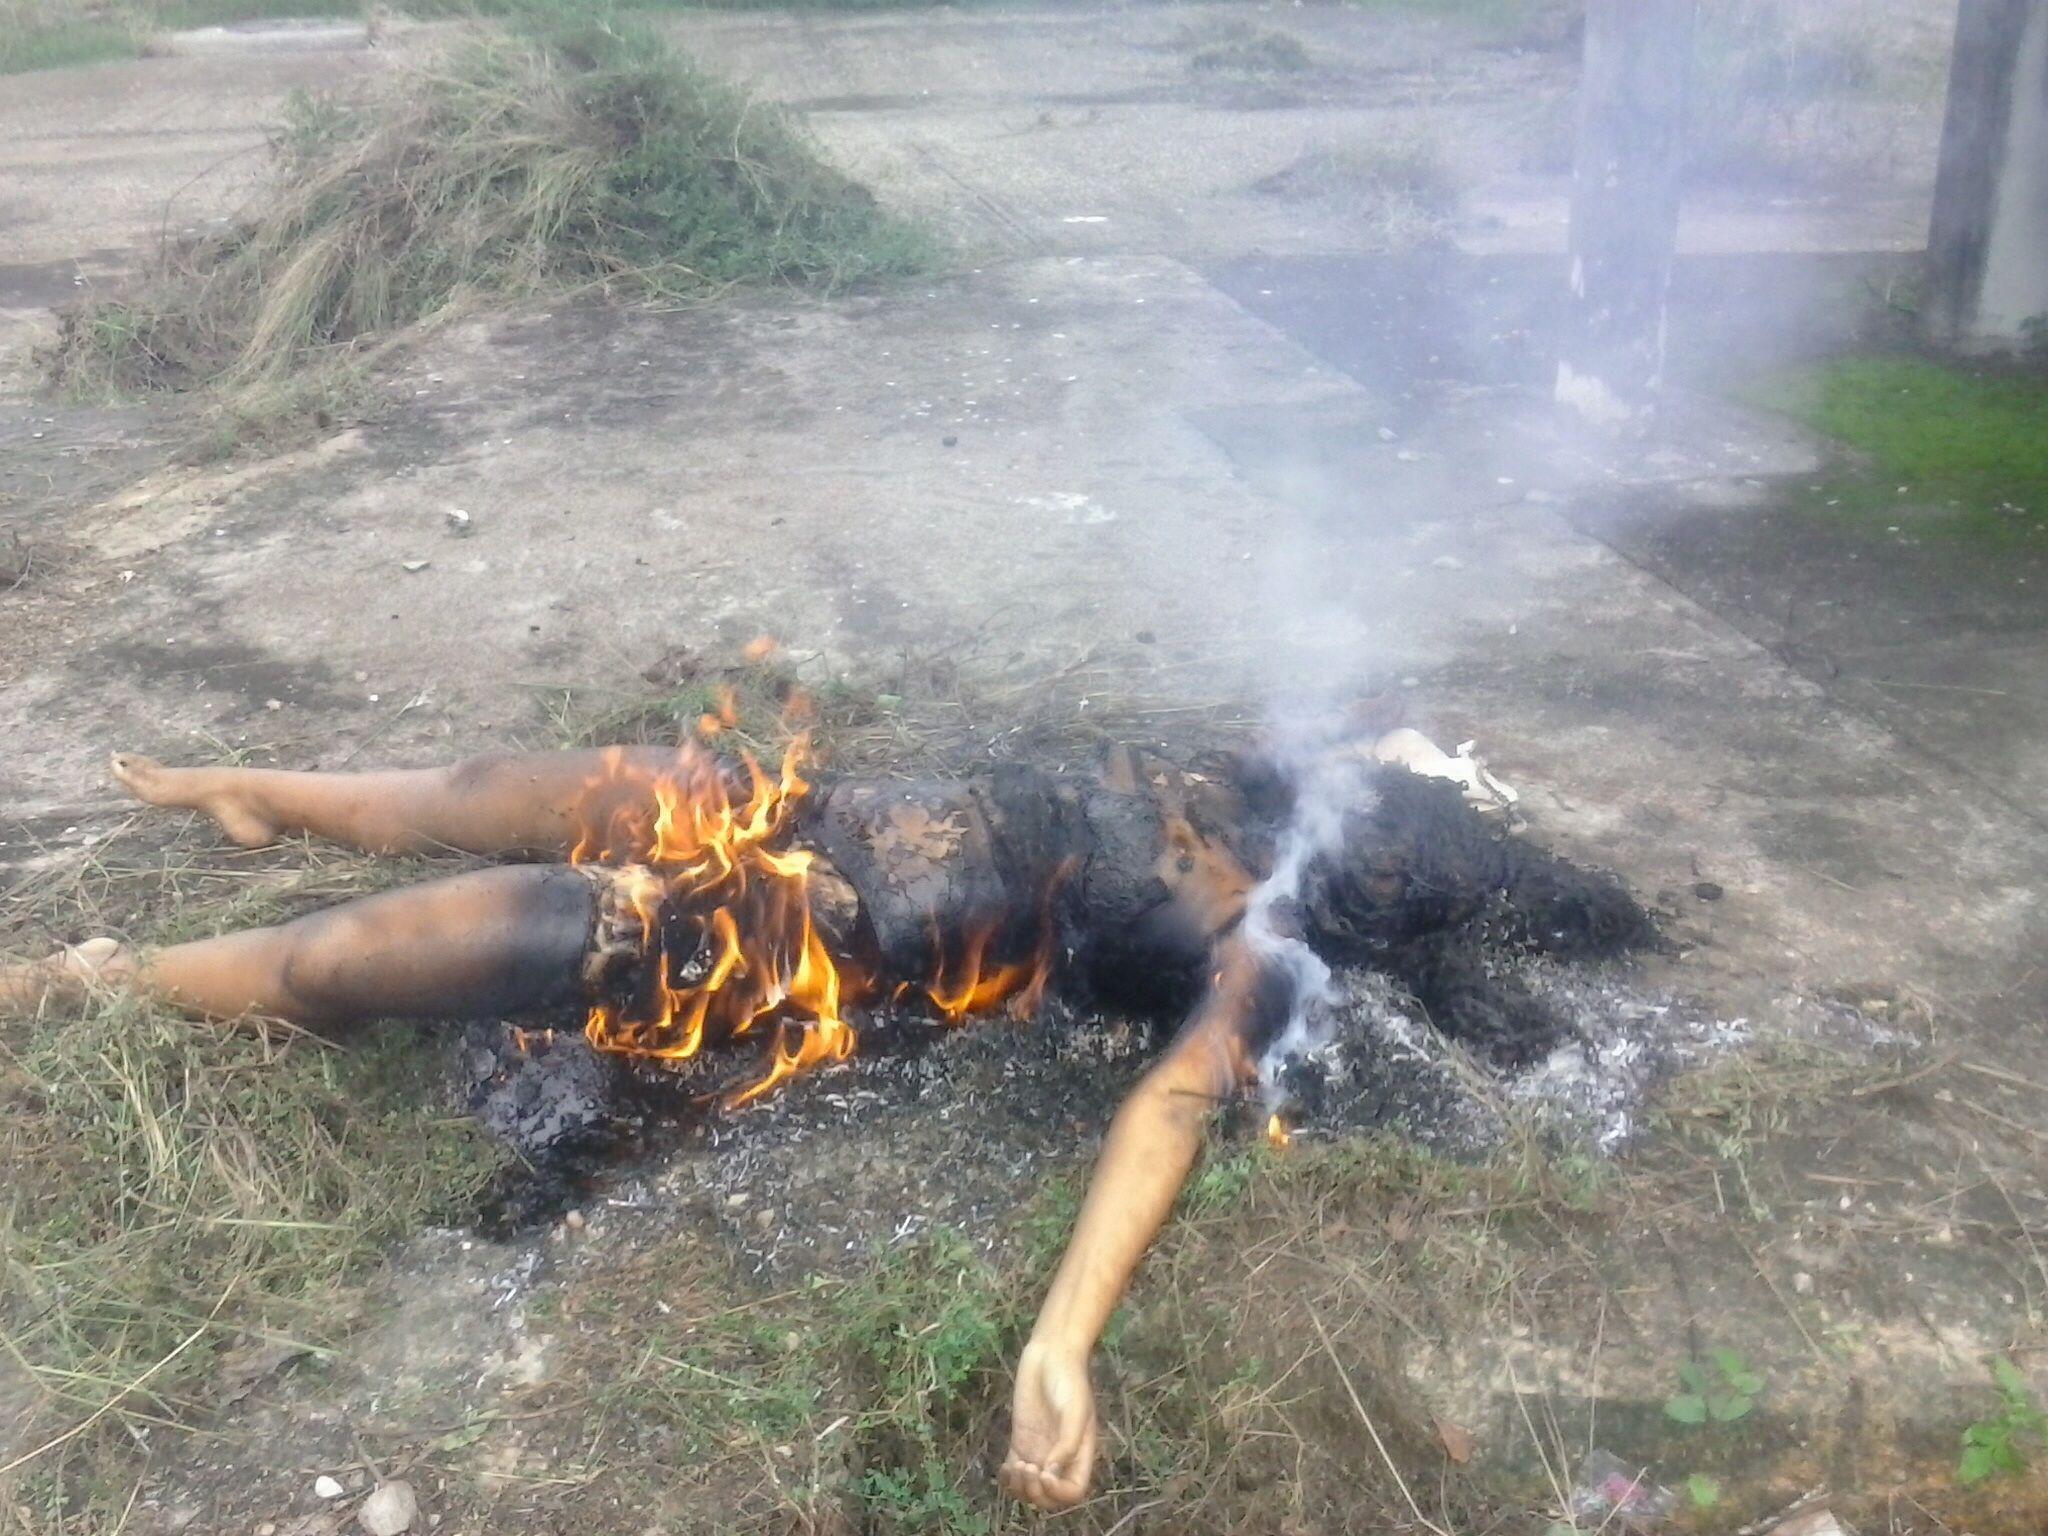 что будет если сжечь фото живого человека